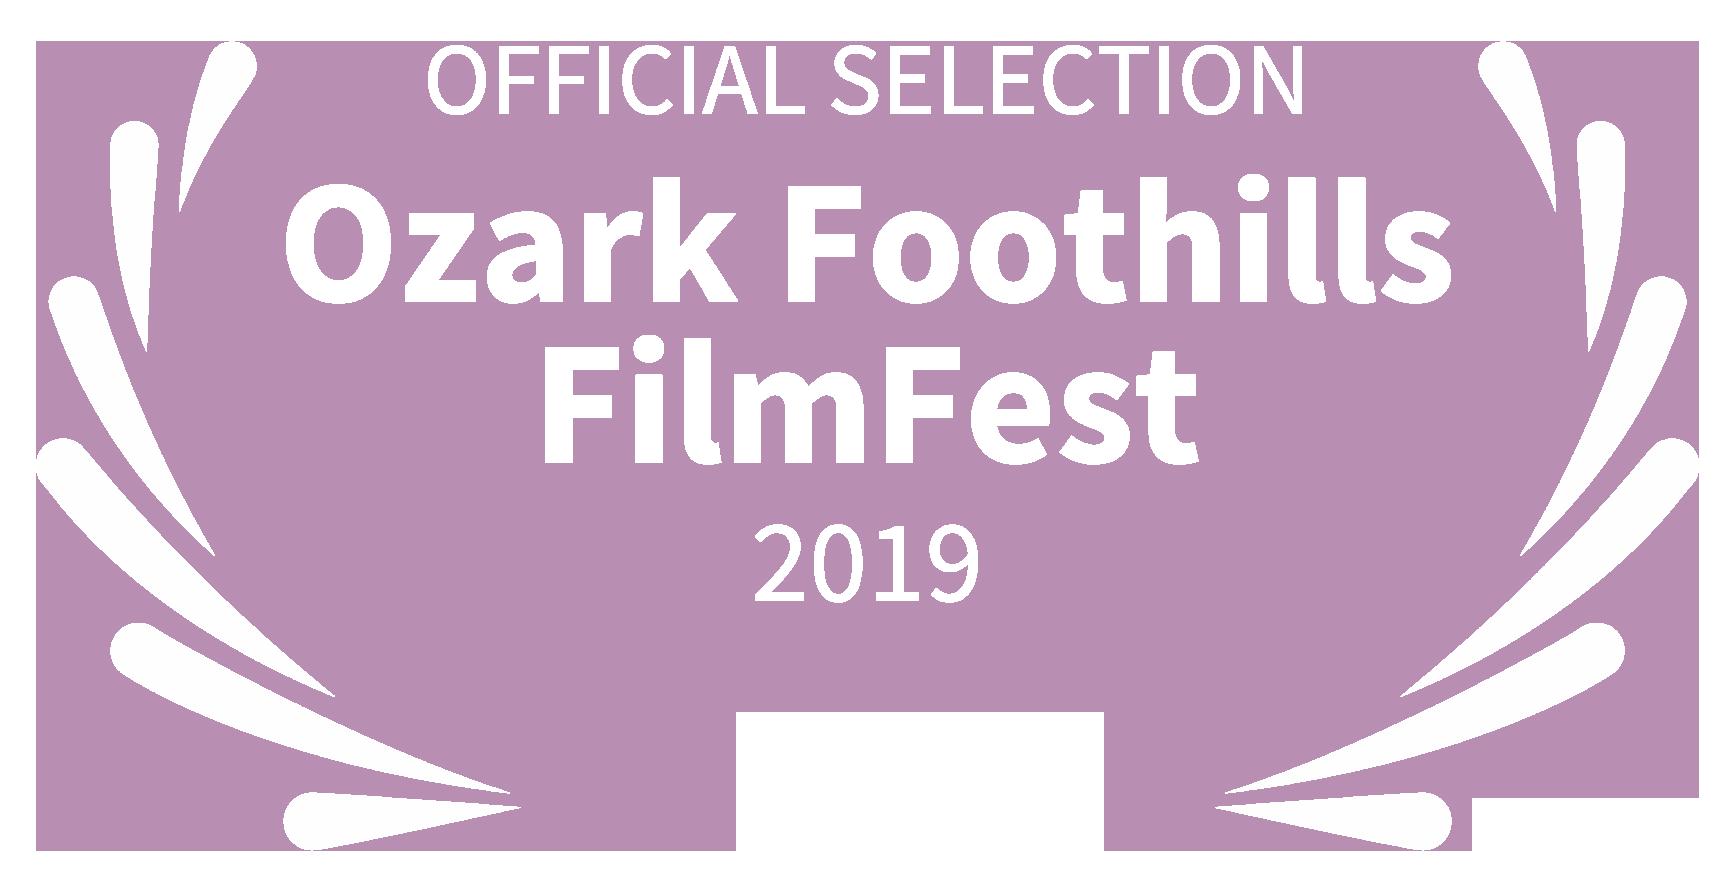 OFFICIAL-SELECTION-Ozark-Foothills-FilmFest-2019-white.png